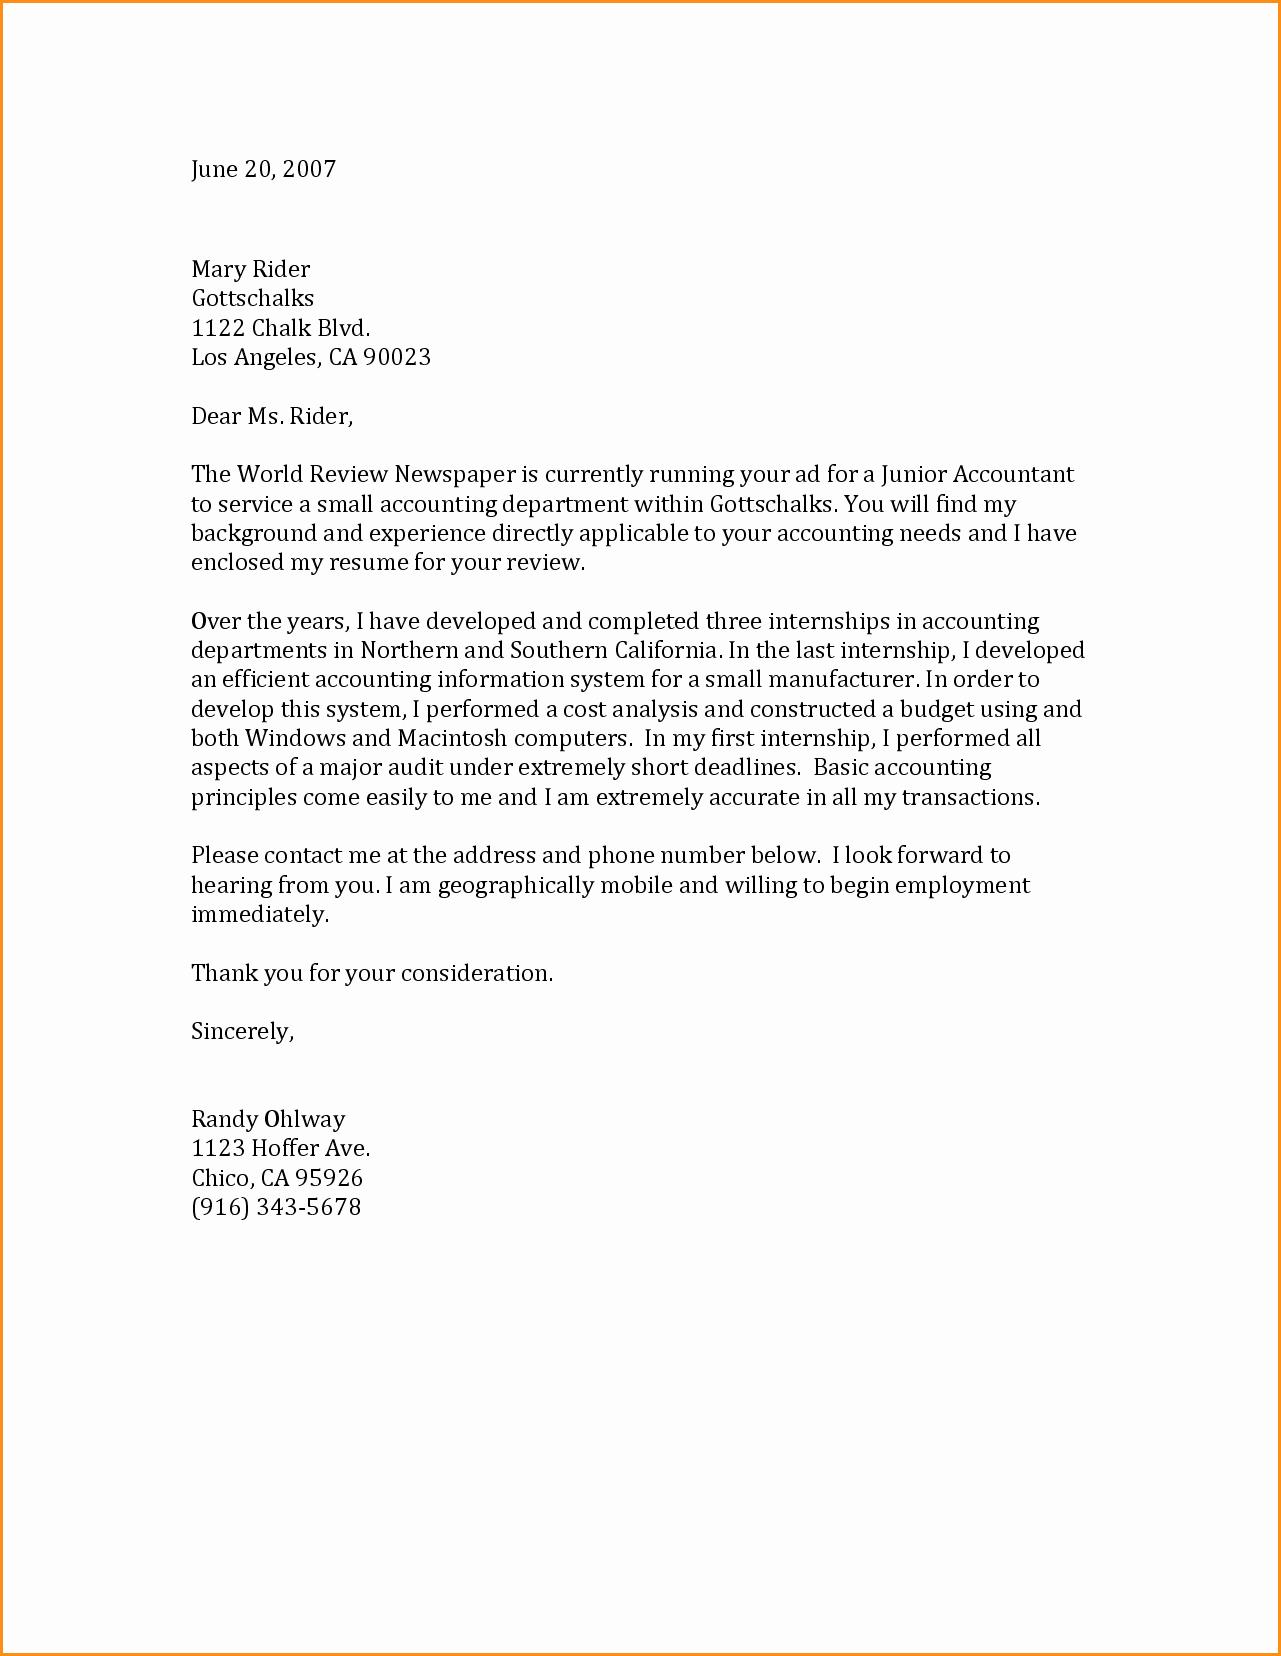 6 General Cover Letter Samples